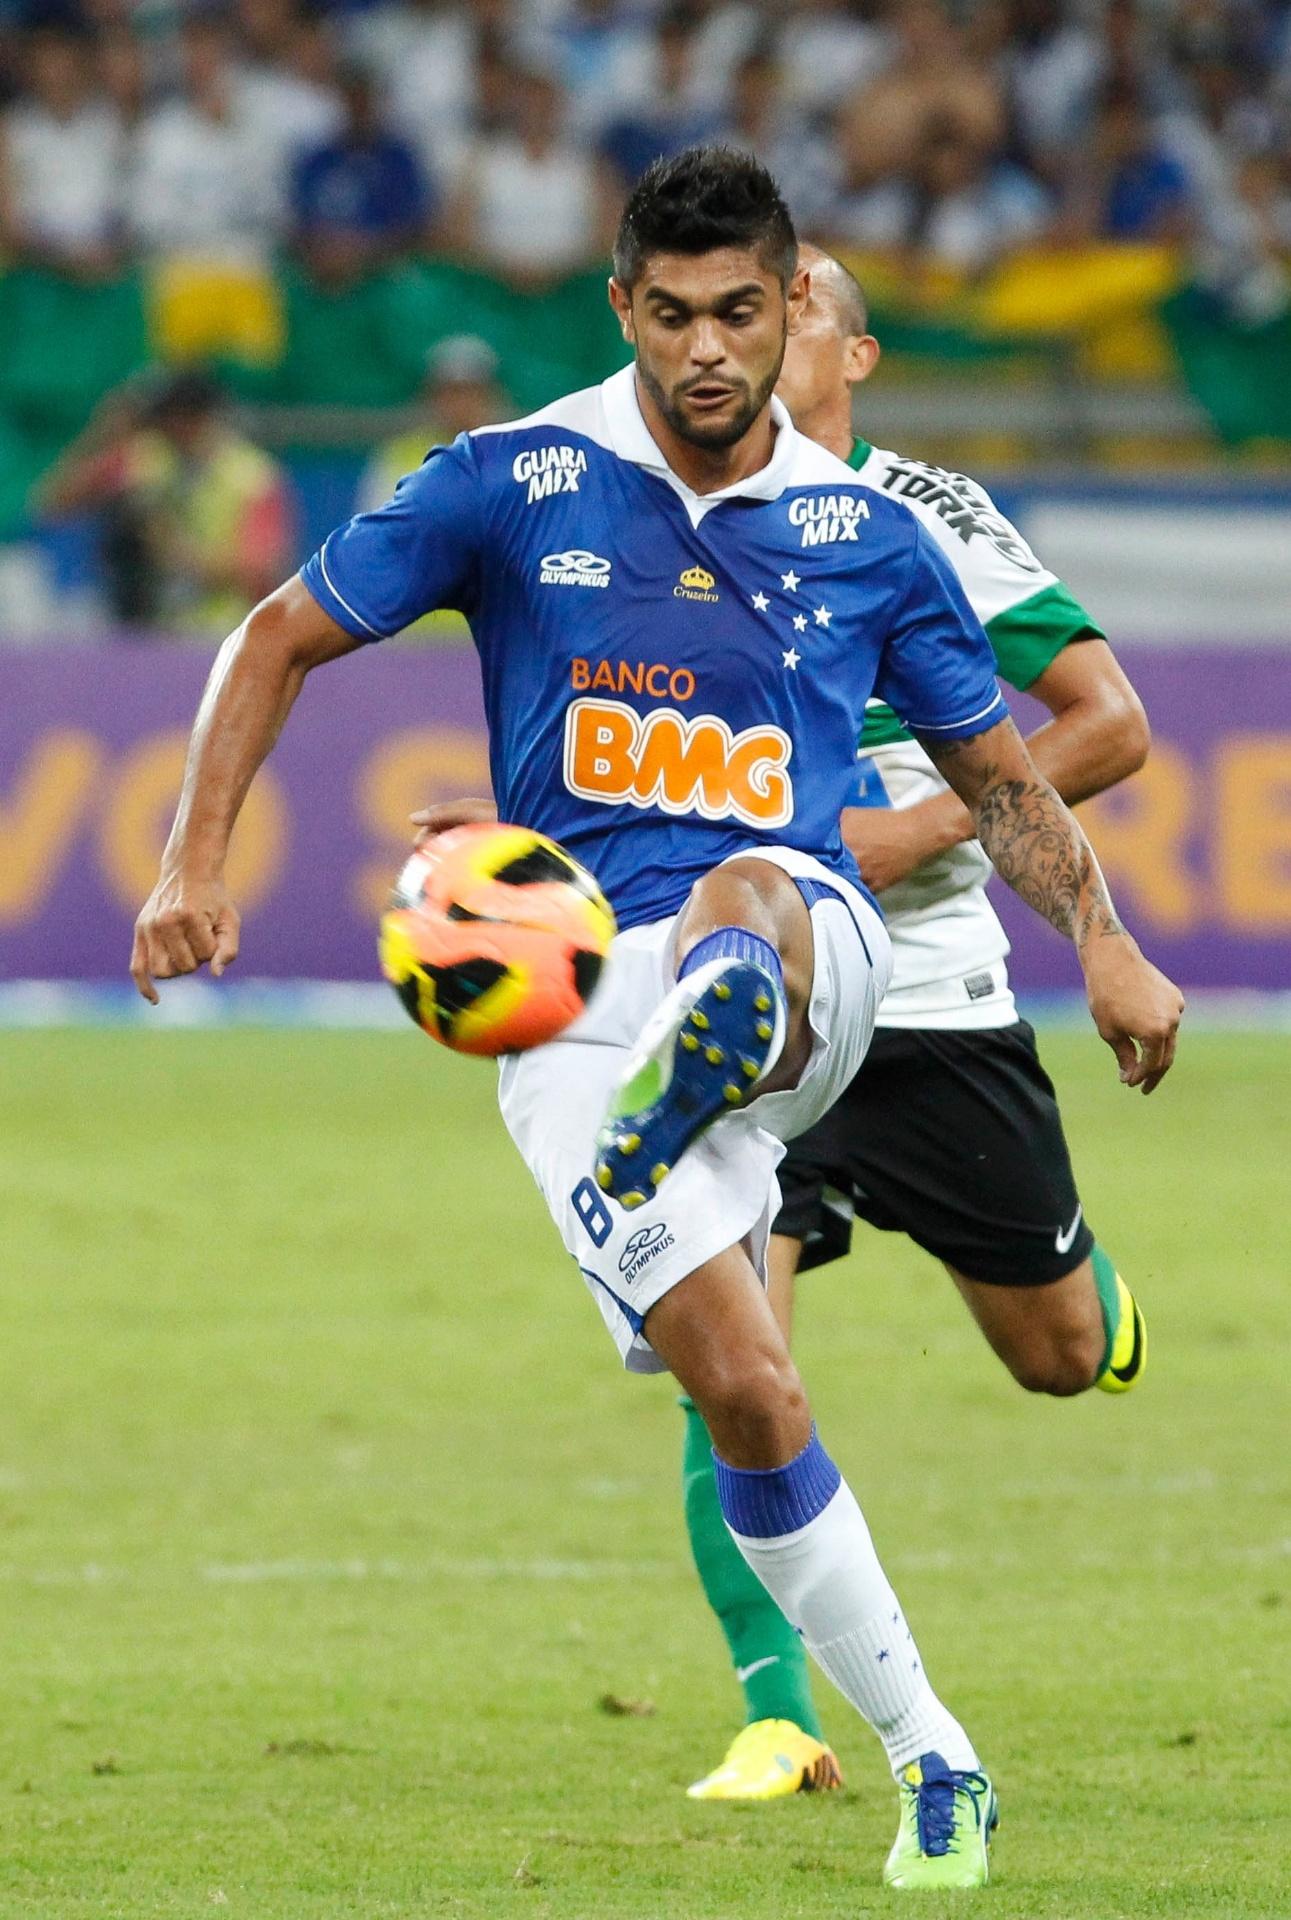 03.ago.2013 - Luan domina a bola na partida entre Cruzeiro e Coritiba pelo Brasileiro